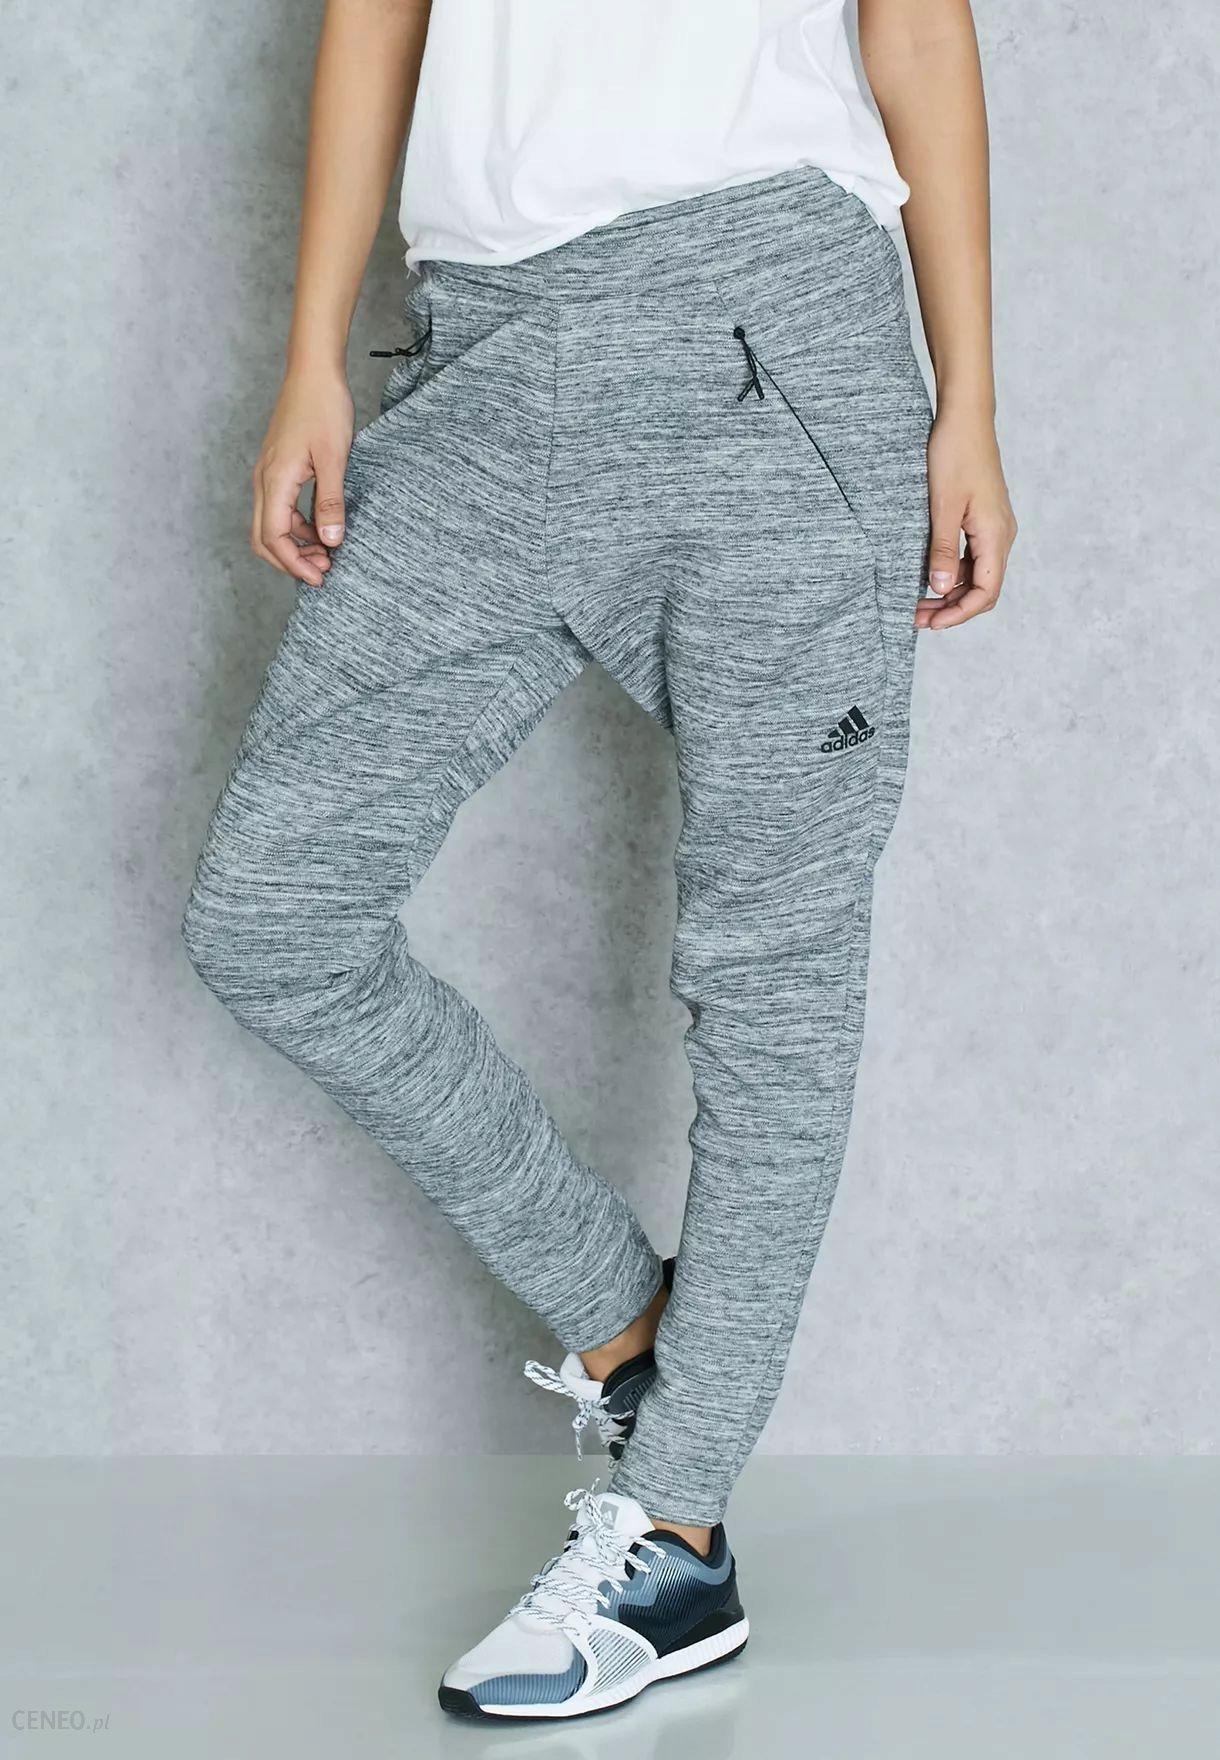 Adidas Spodnie Dresowe Szare Zne Roadtr S98388 L Ceny i opinie Ceneo.pl